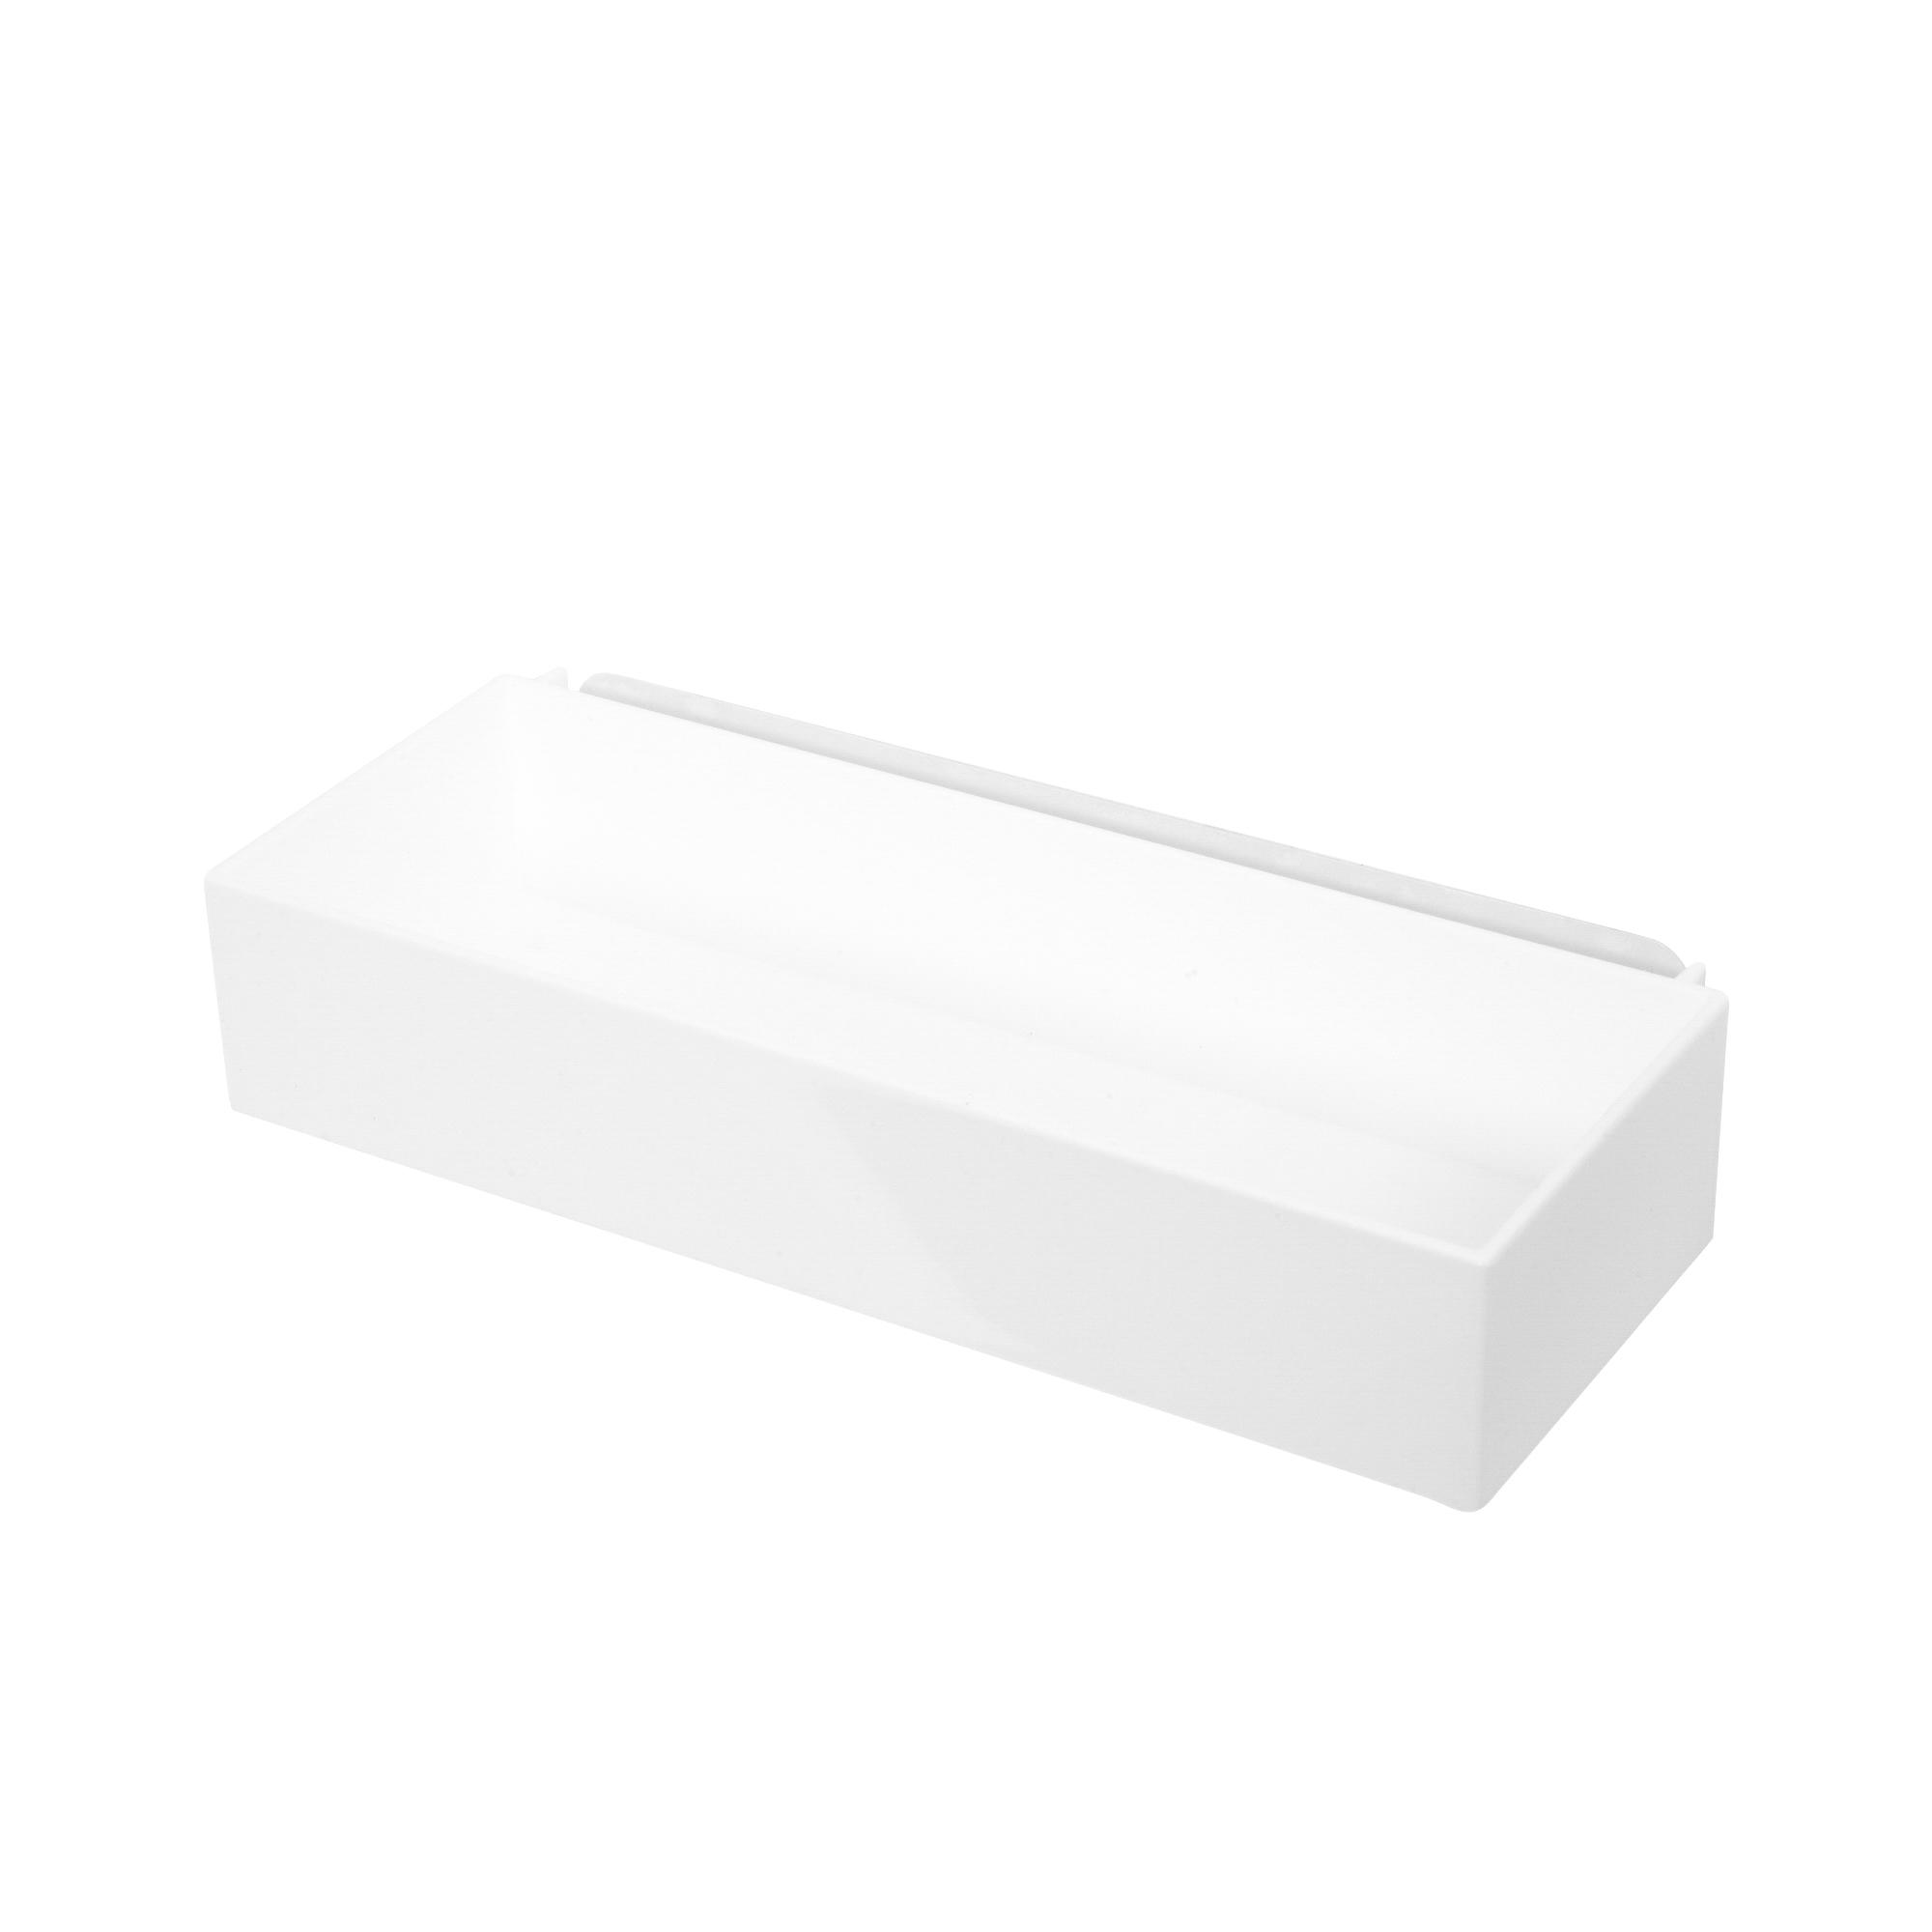 Boîte de rangement auto-adhésive 25,7x10,2cm